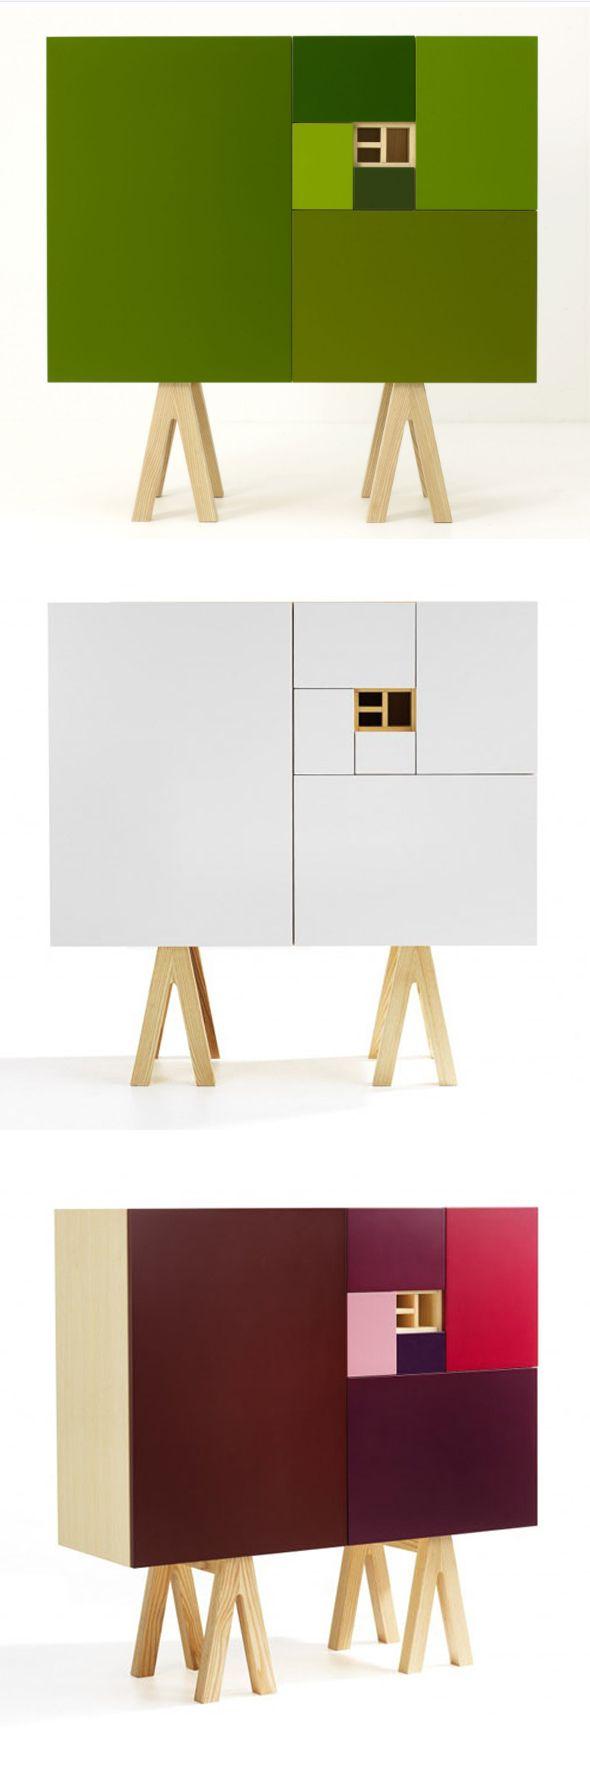 N 216 Sideboard Design Jesper Stahl